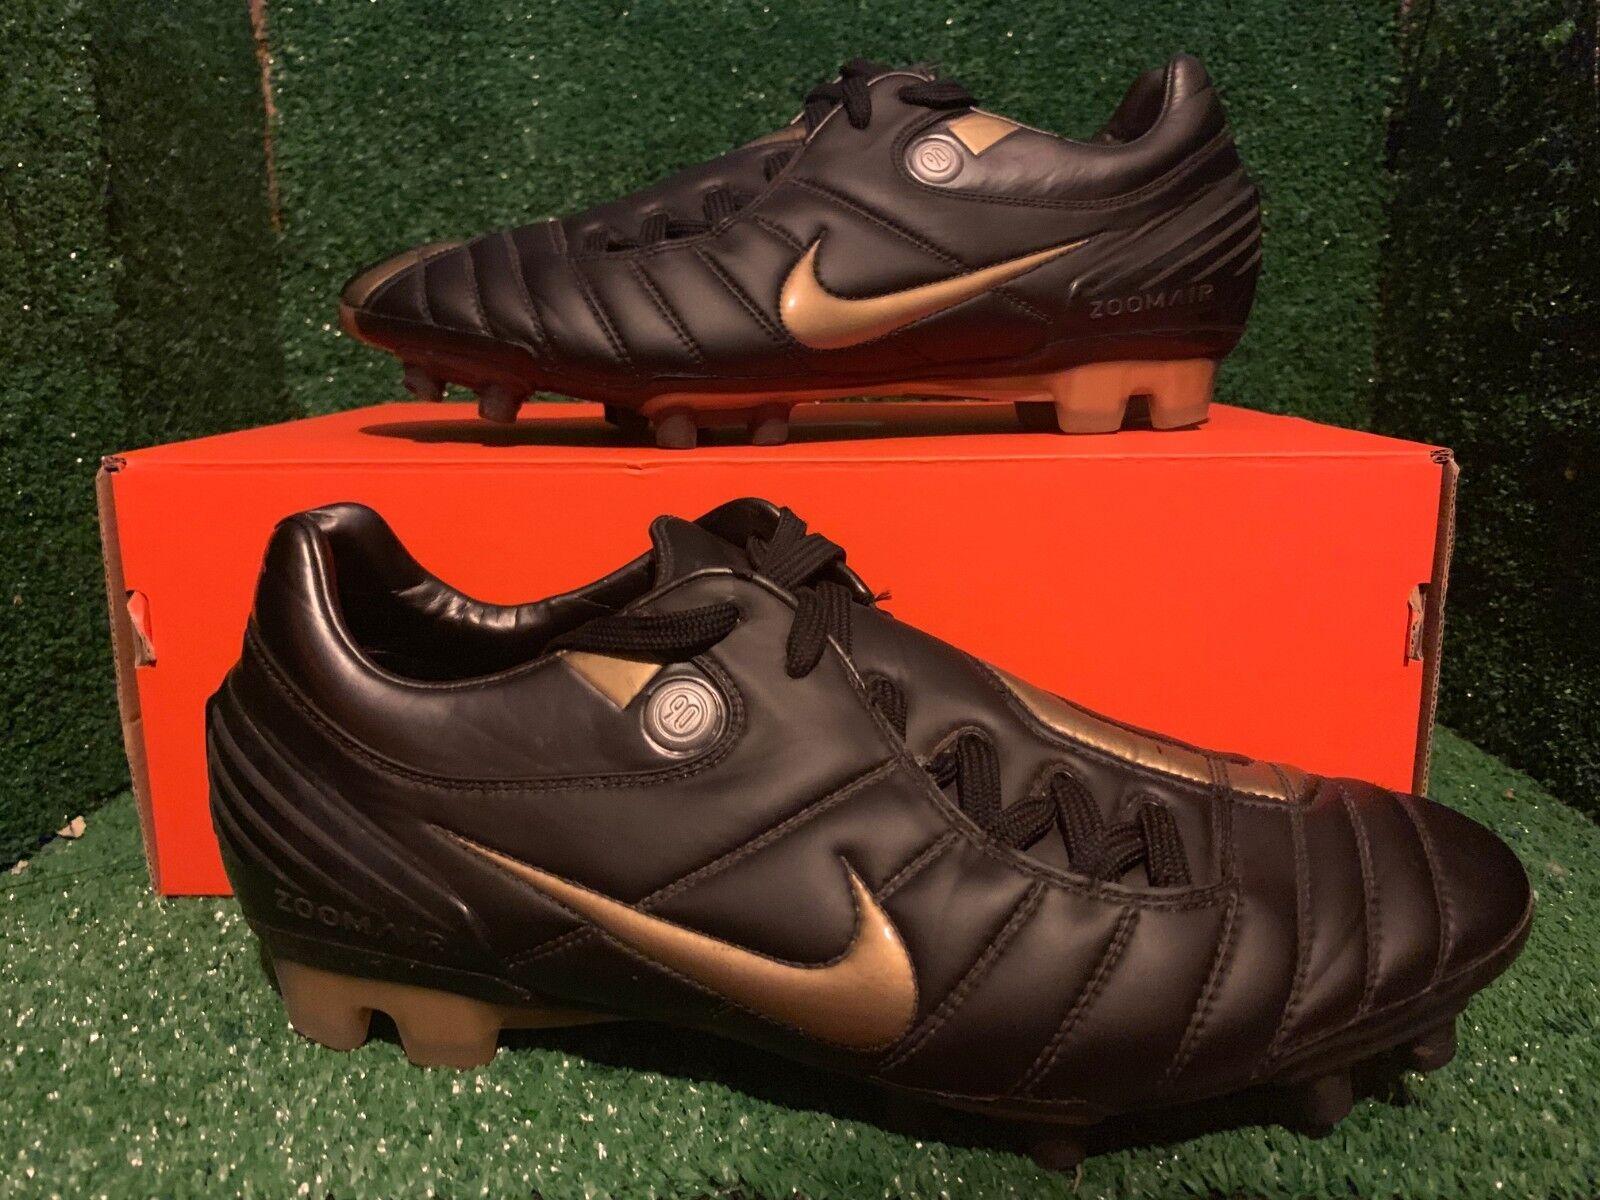 Nike Air Vapor Zoom total 90 FG botas de fútbol oro Negro 9,5 8,5 43